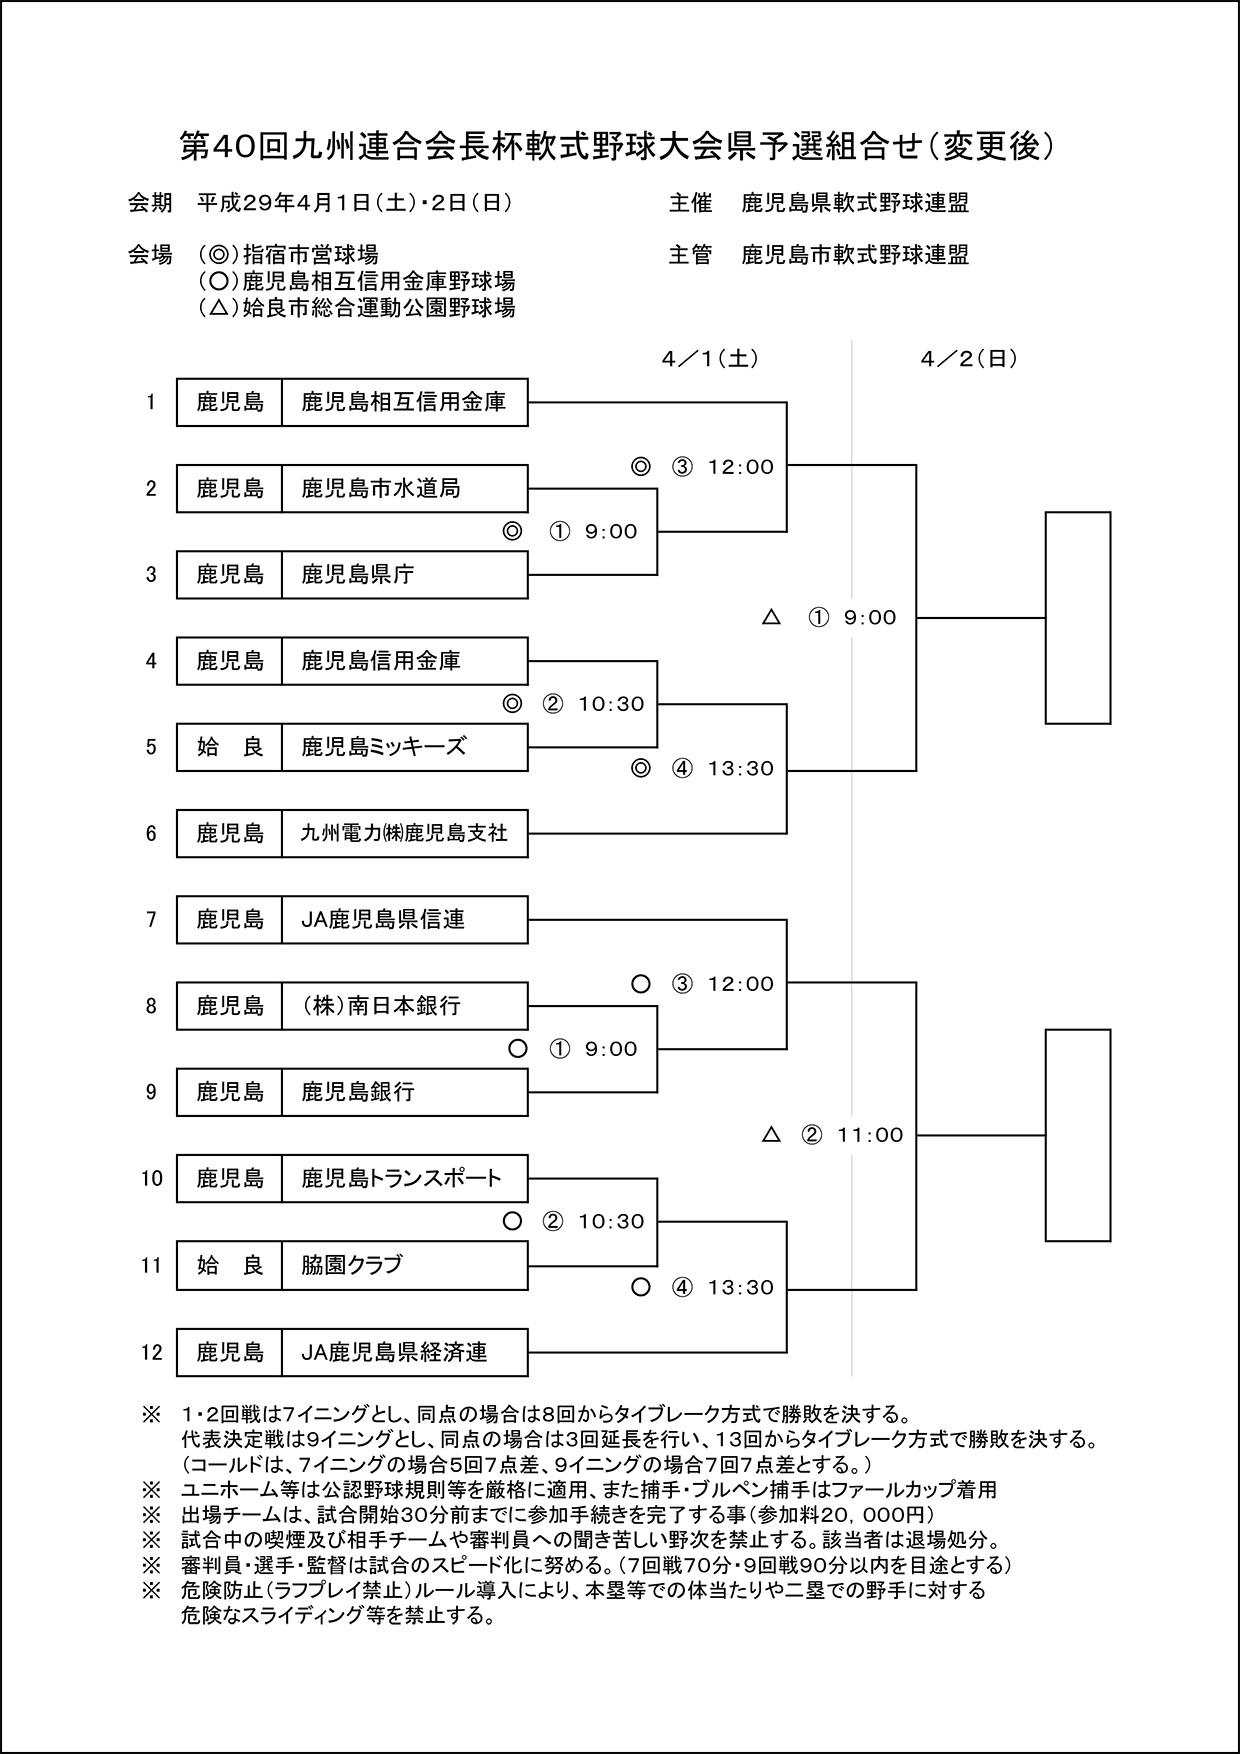 ▽【会場変更】第40回九州連合会長杯軟式野球大会県予選組合せ